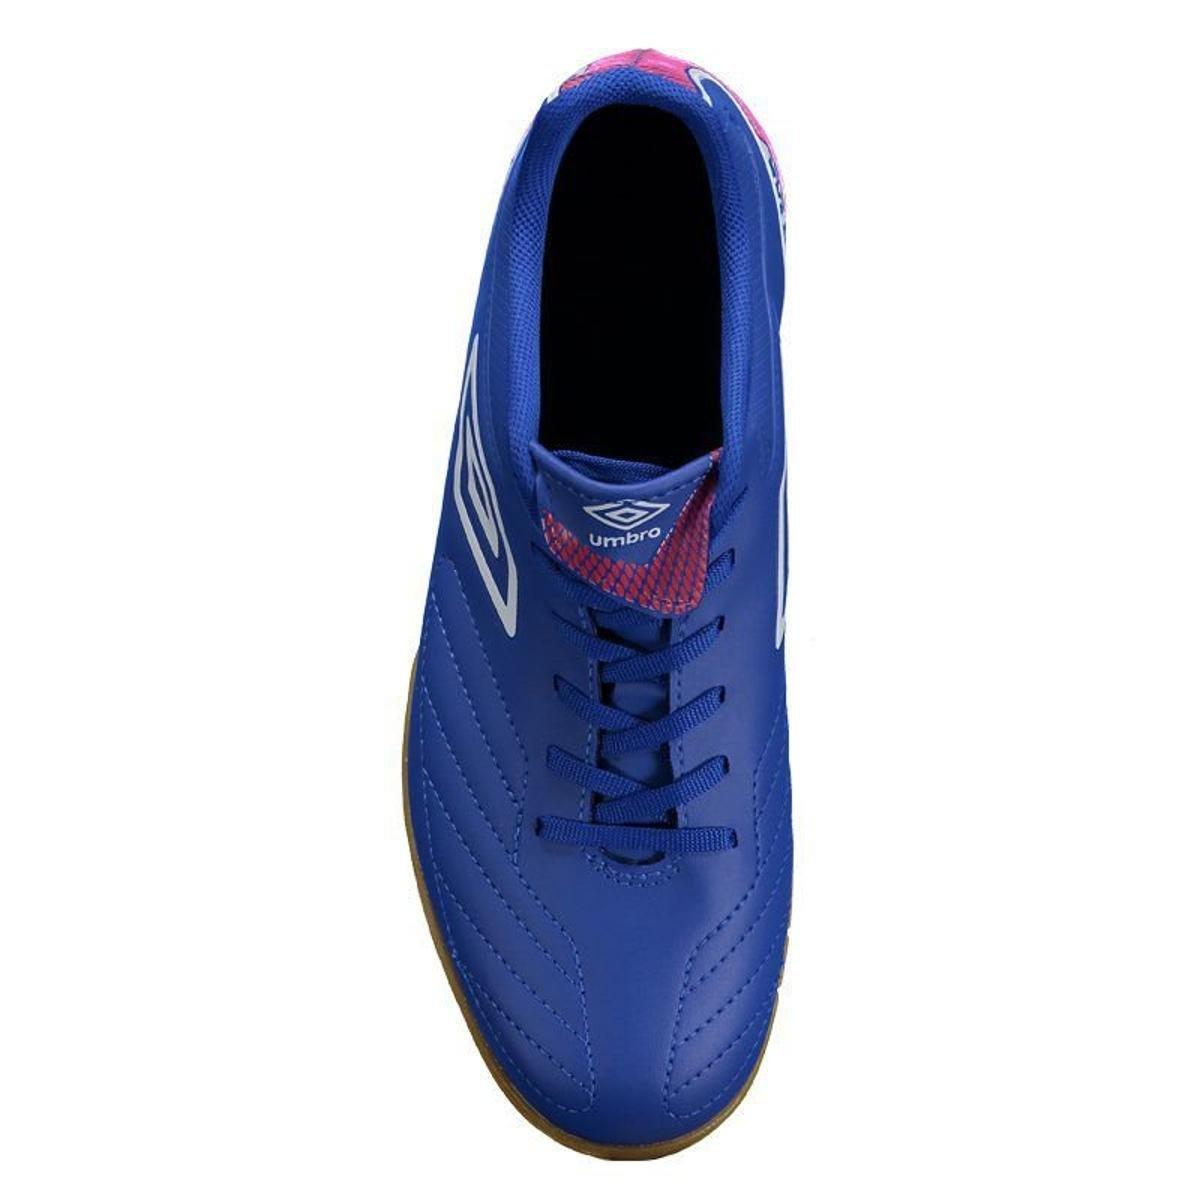 Chuteira Umbro Attak II Futsal - Azul e Branco - Compre Agora  080b08ac56dba